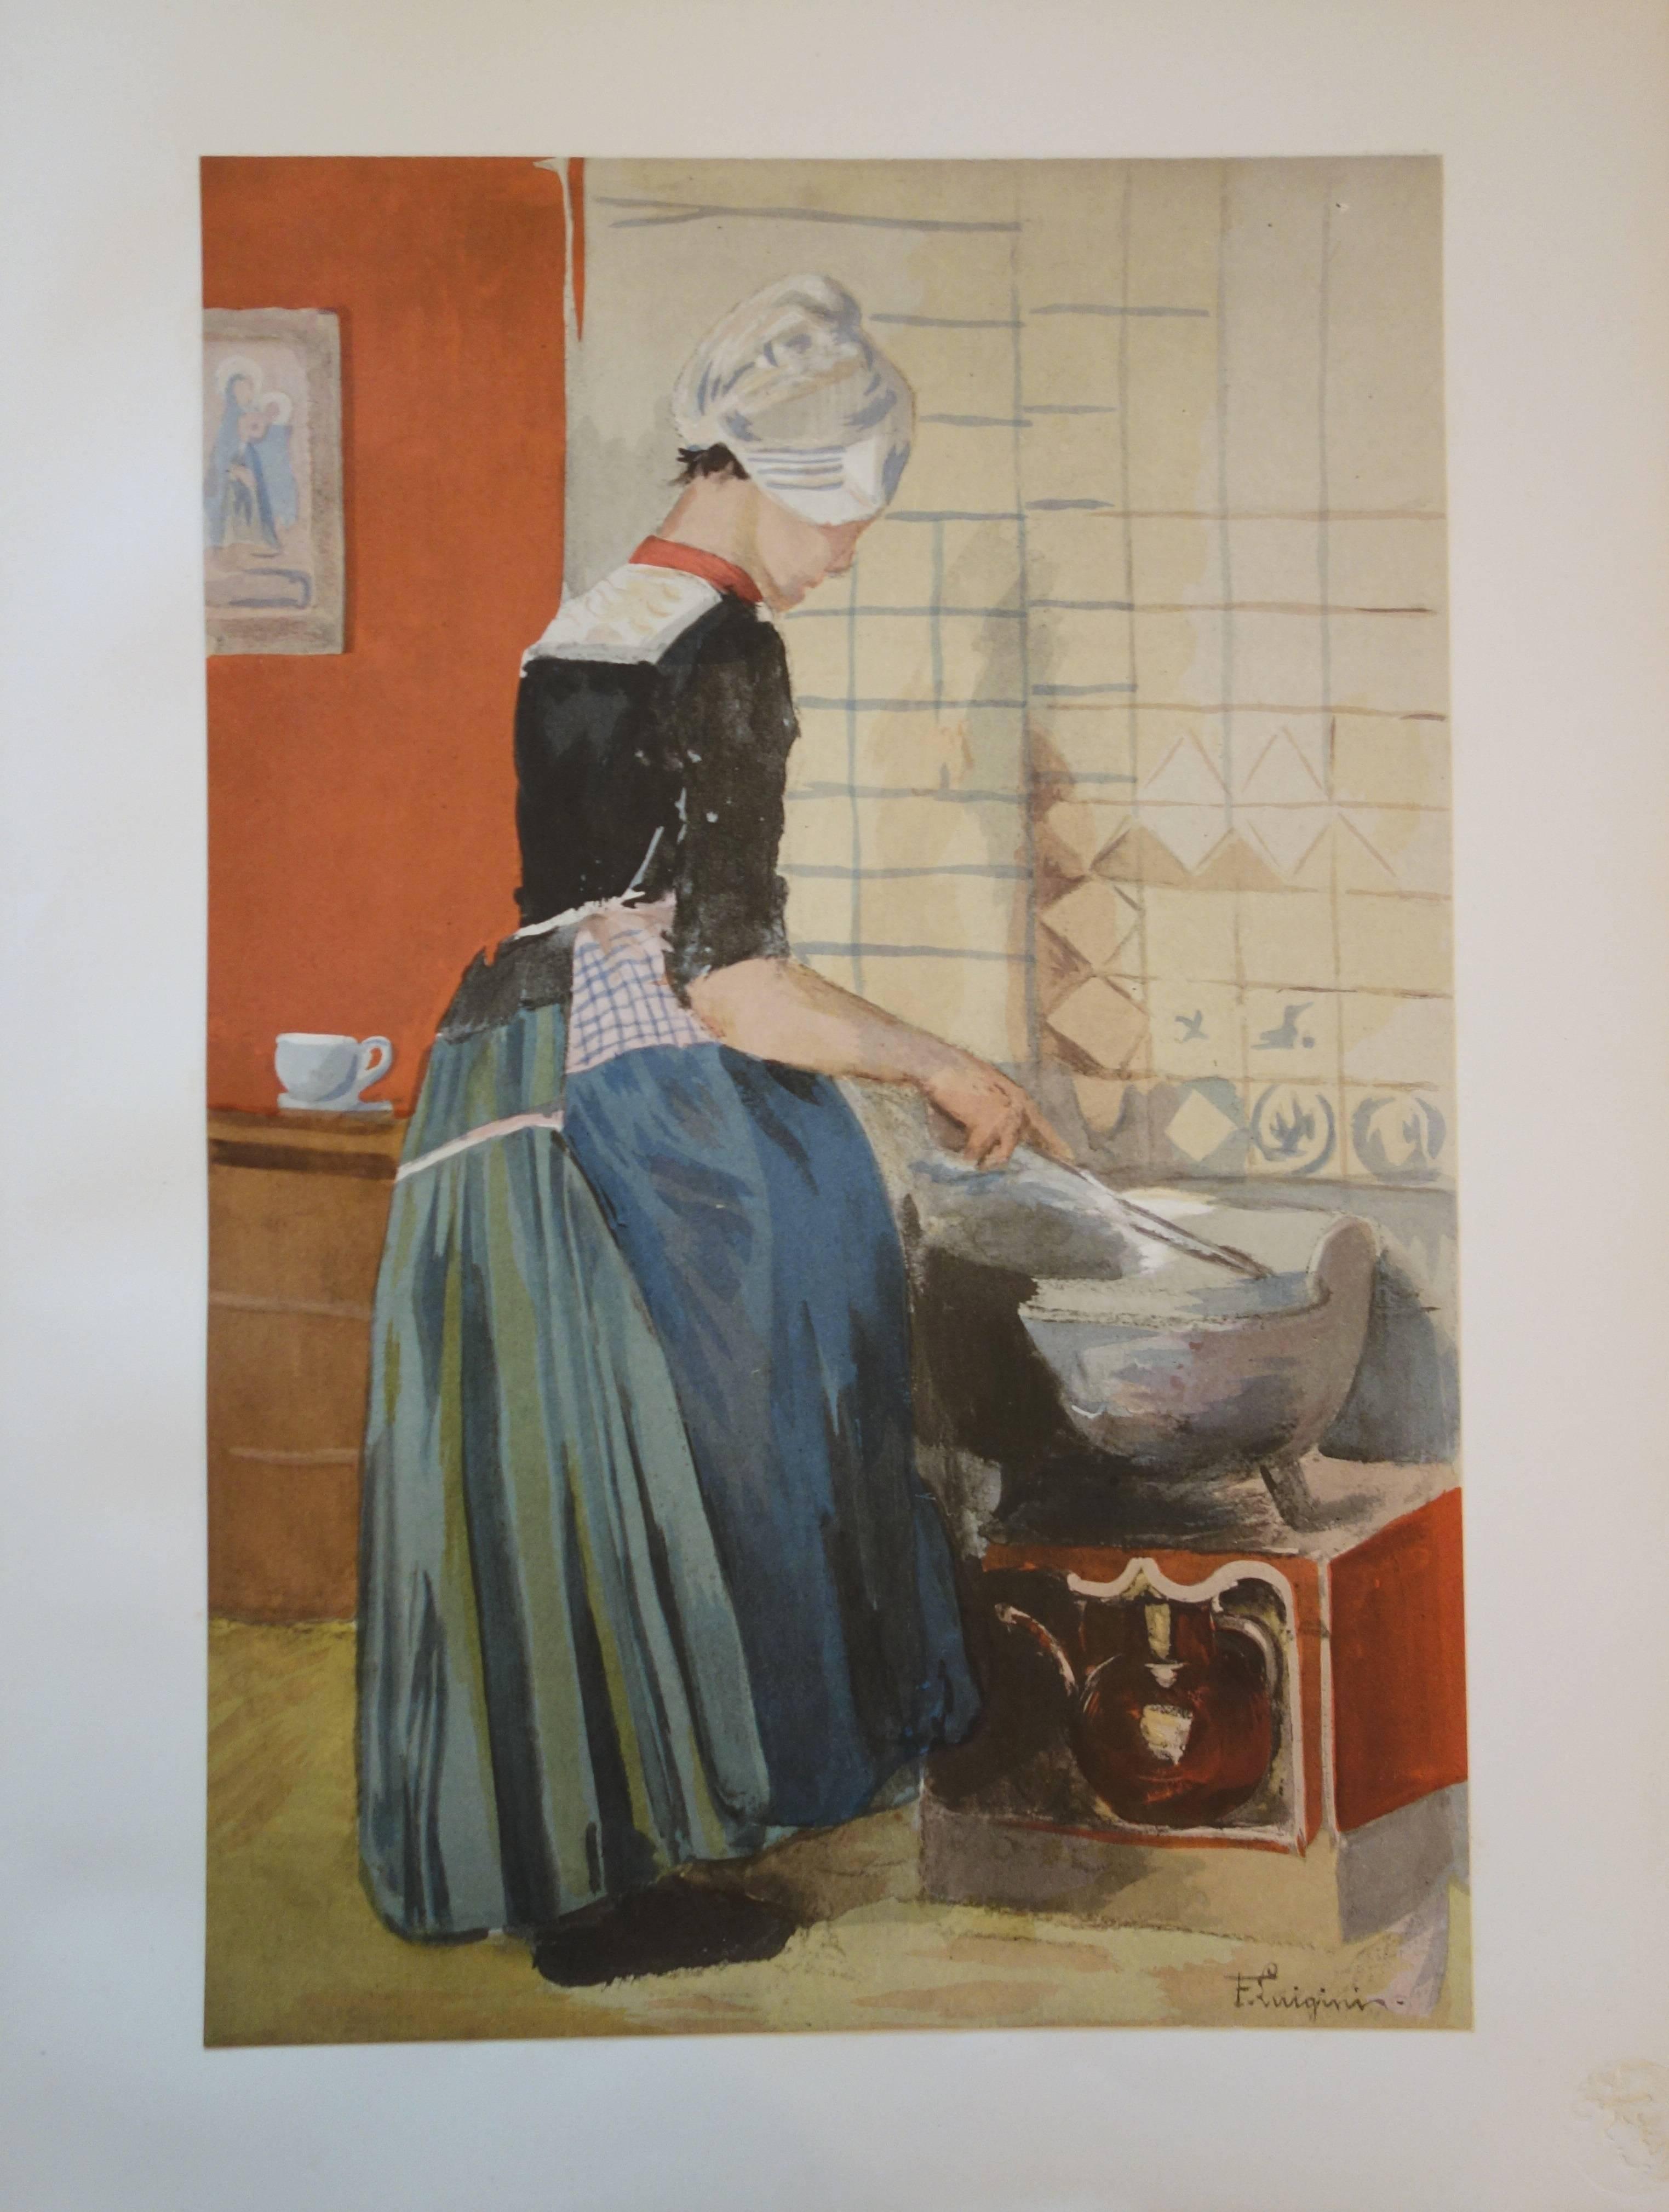 La servante - original lithograph (1897/98)